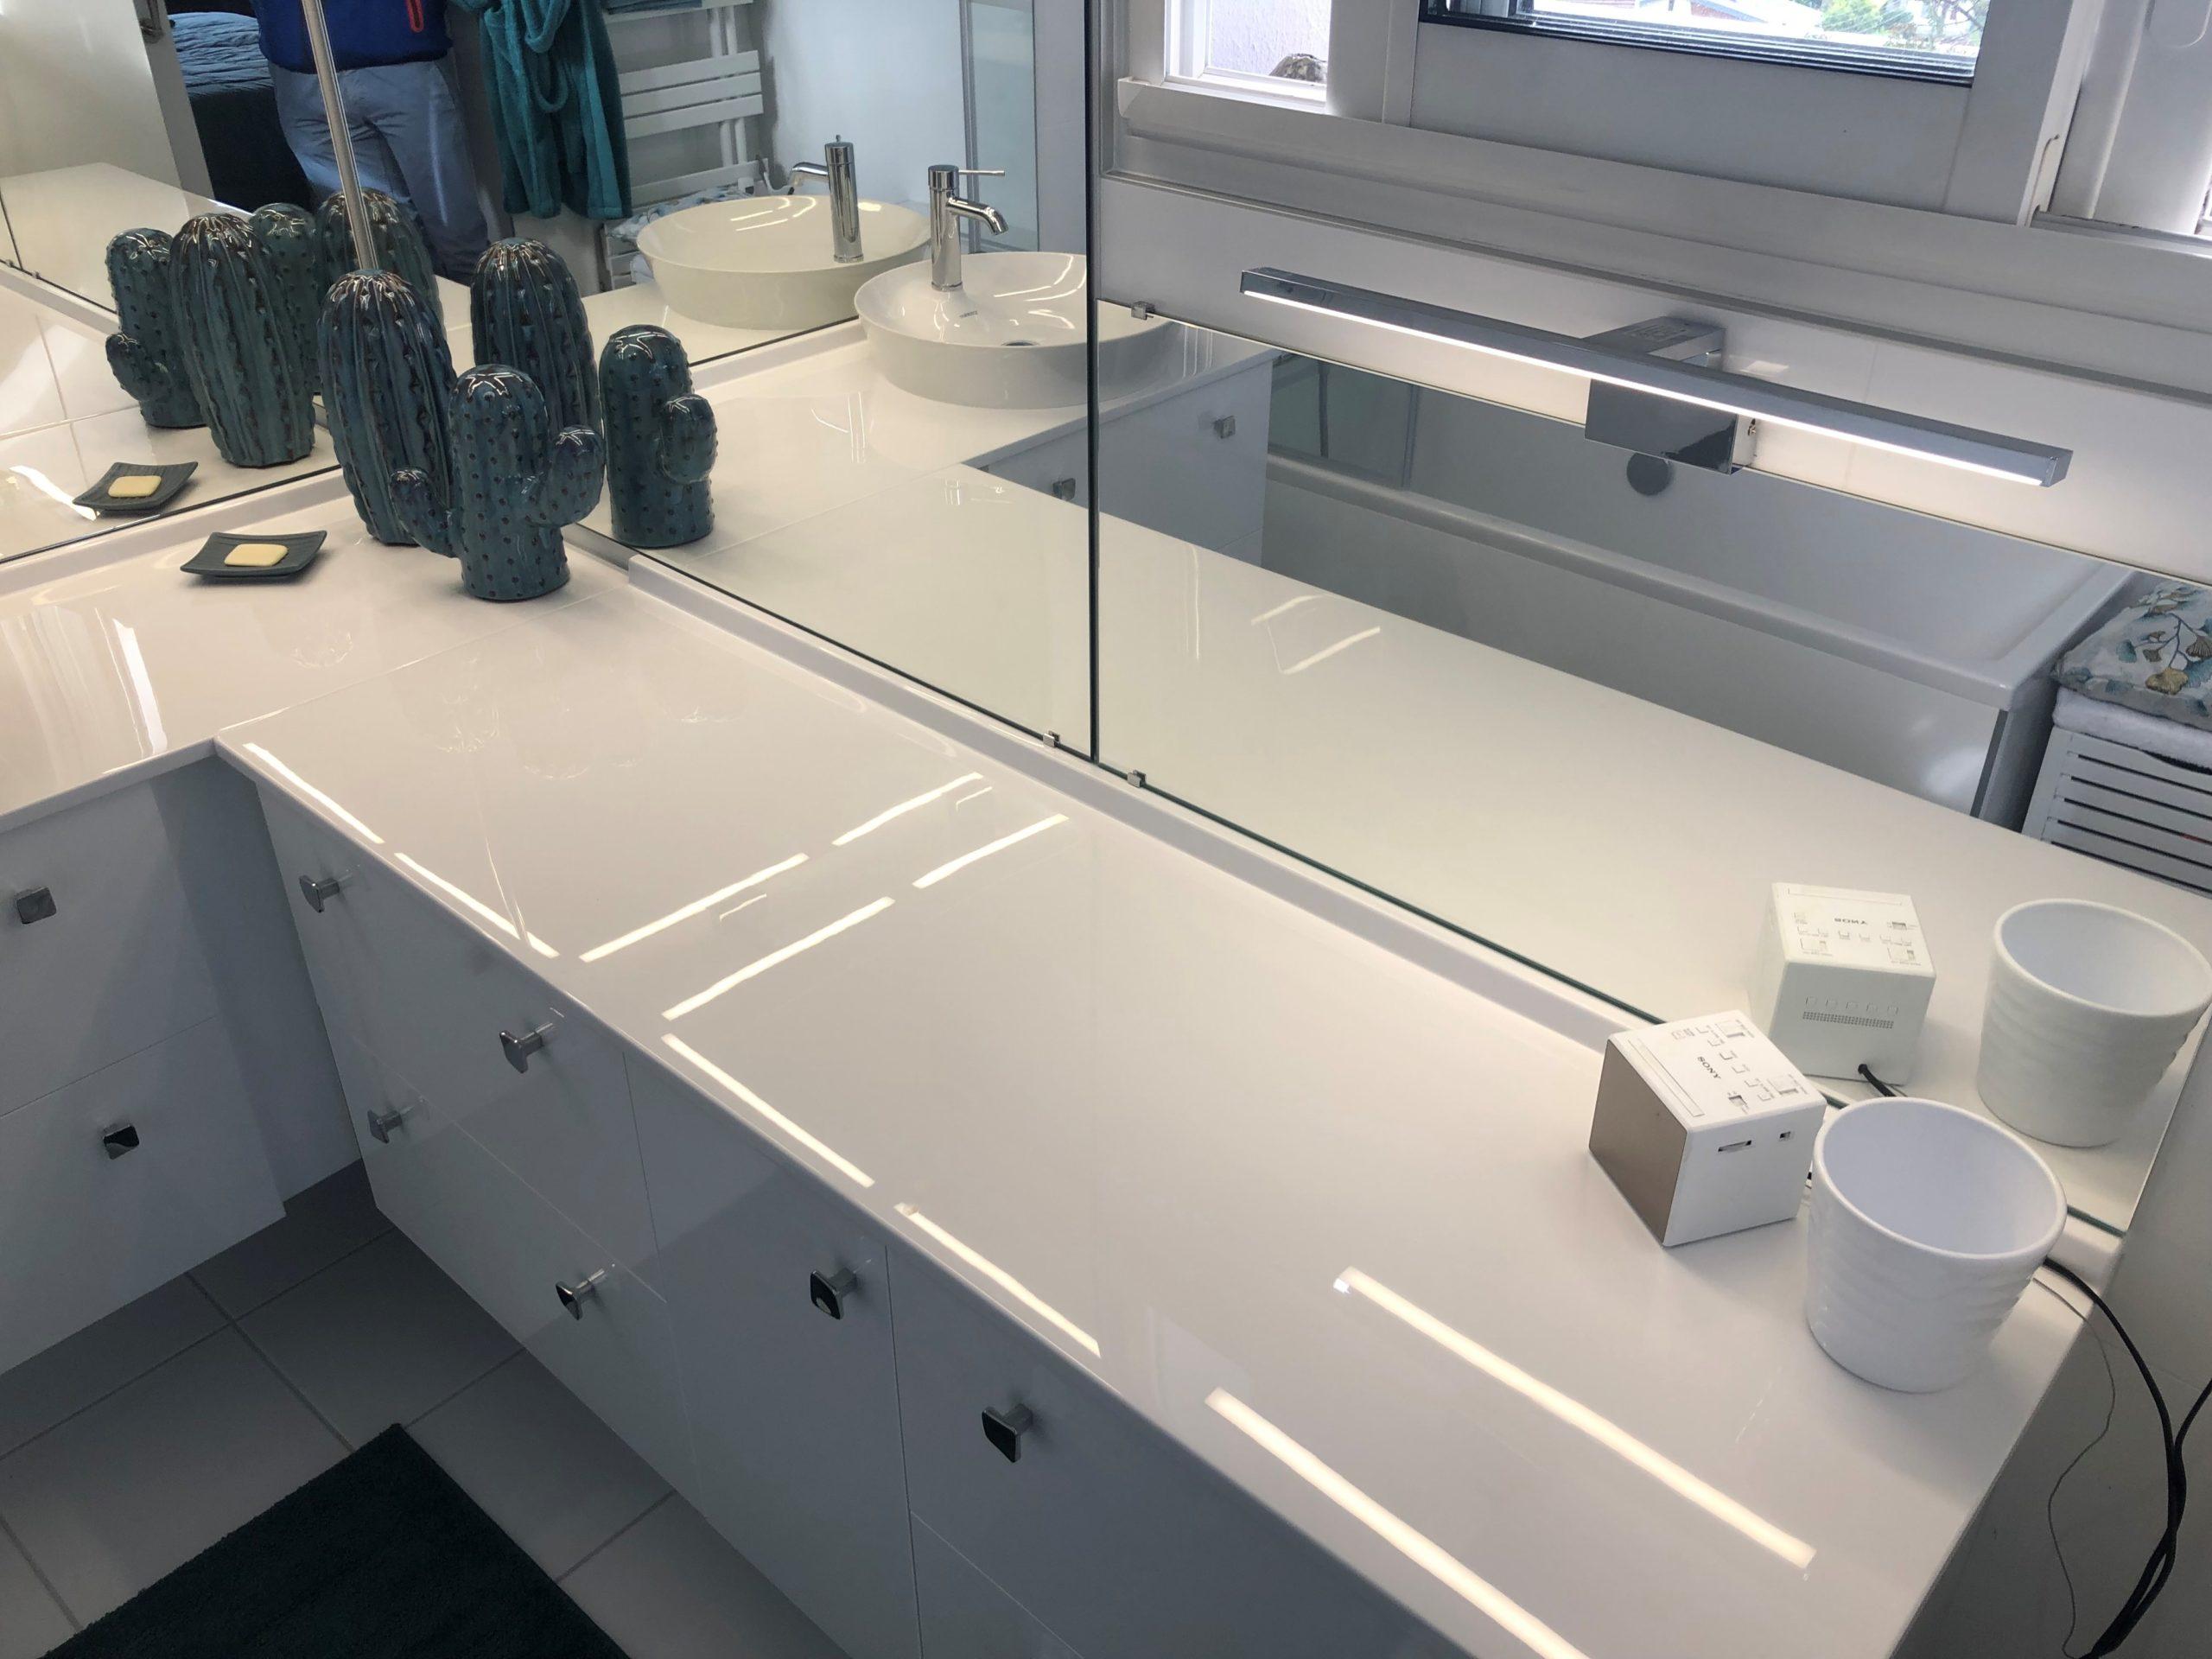 projet salle bain sur-mesure pratique sobre mobilier vasque miroir apres